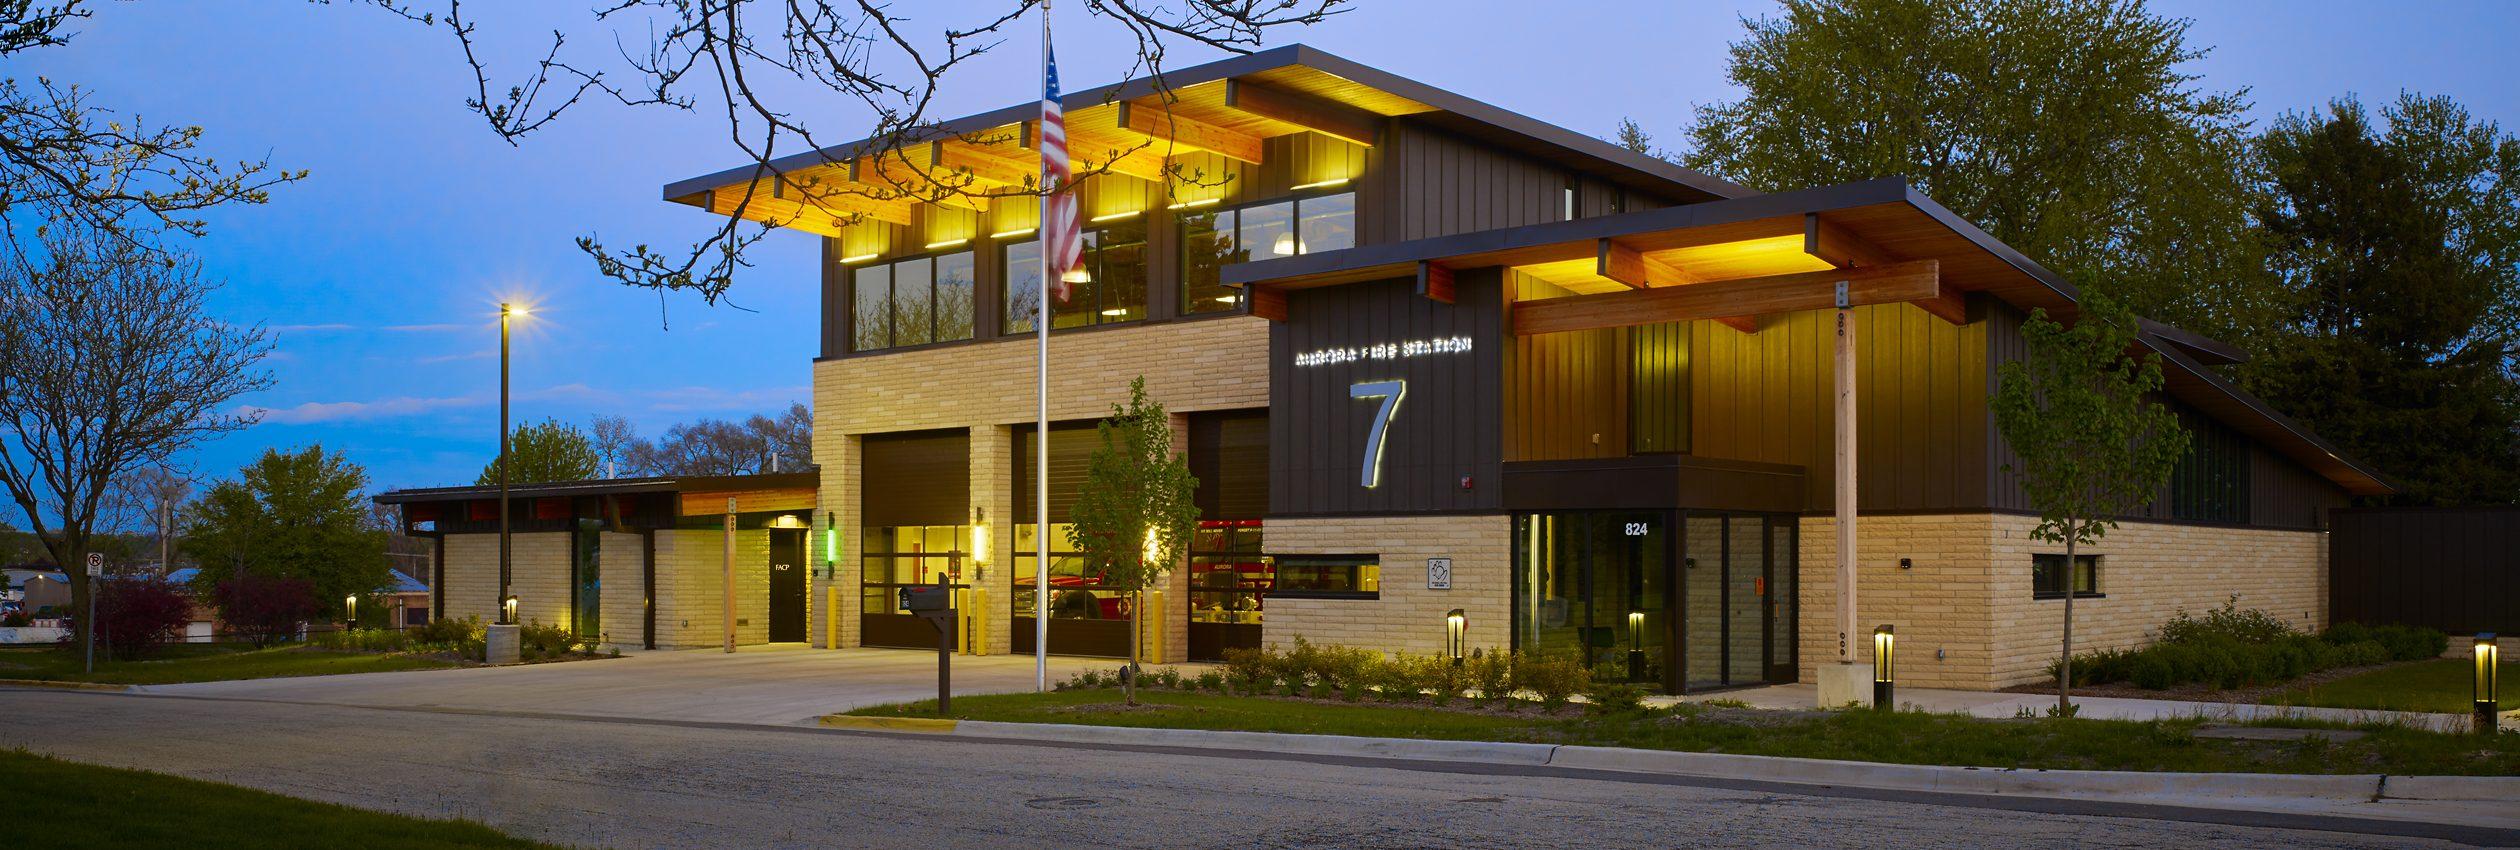 Aurora Fire Station #7